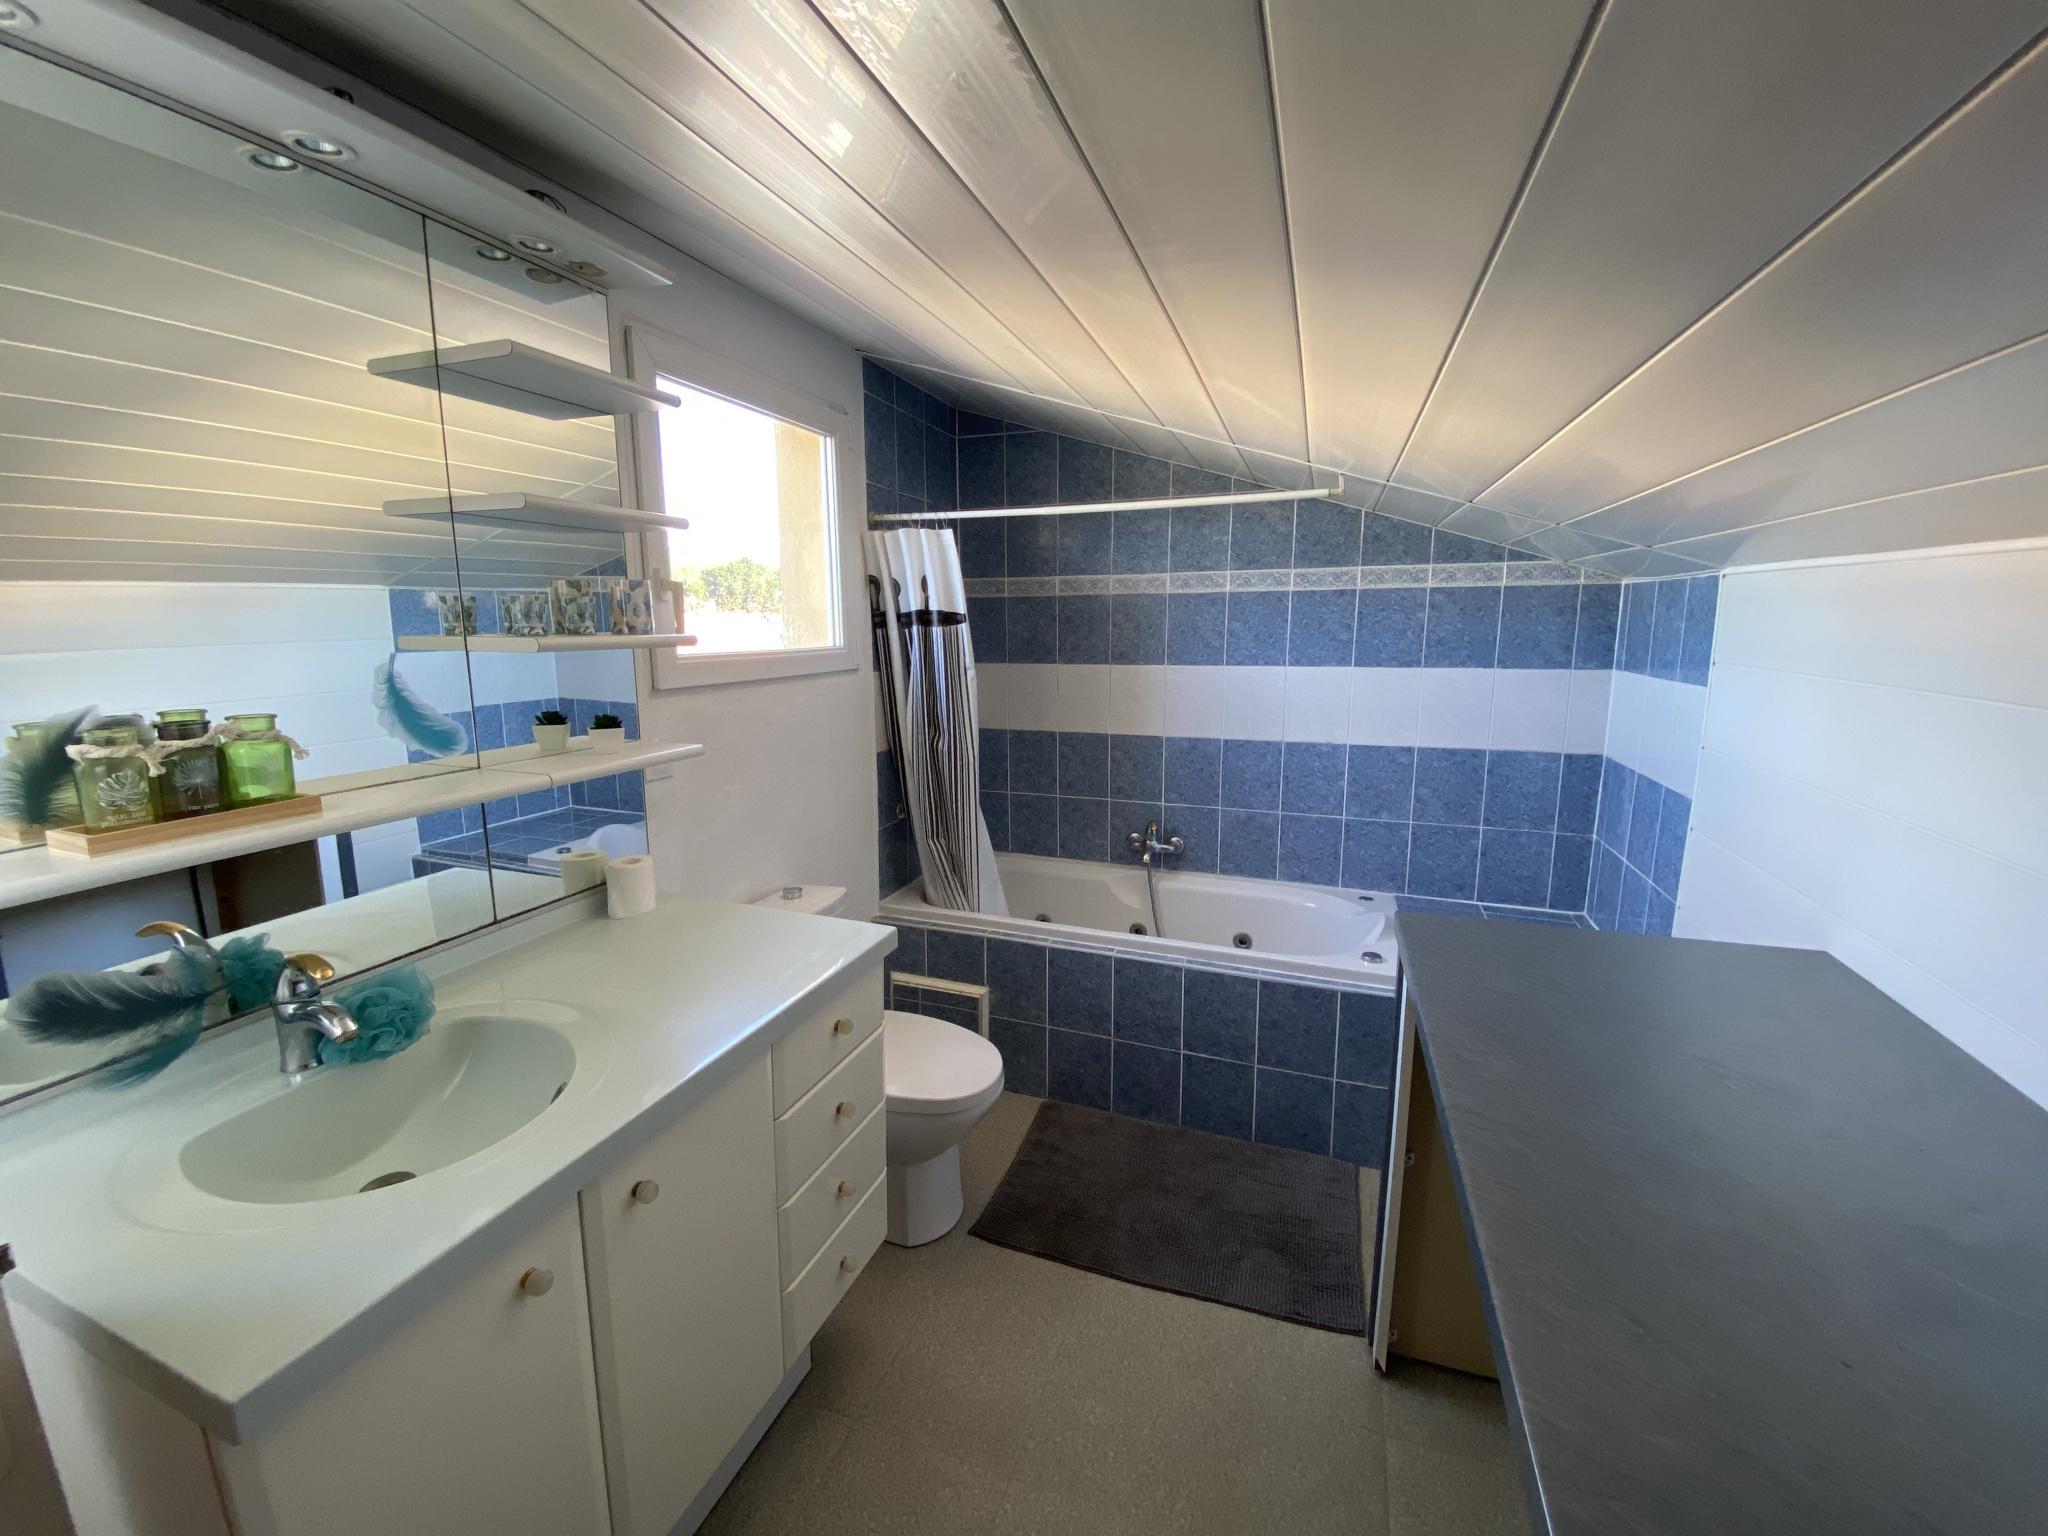 À vendre appartement de 71m2 à argeles sur mer (66700) - Photo 10'